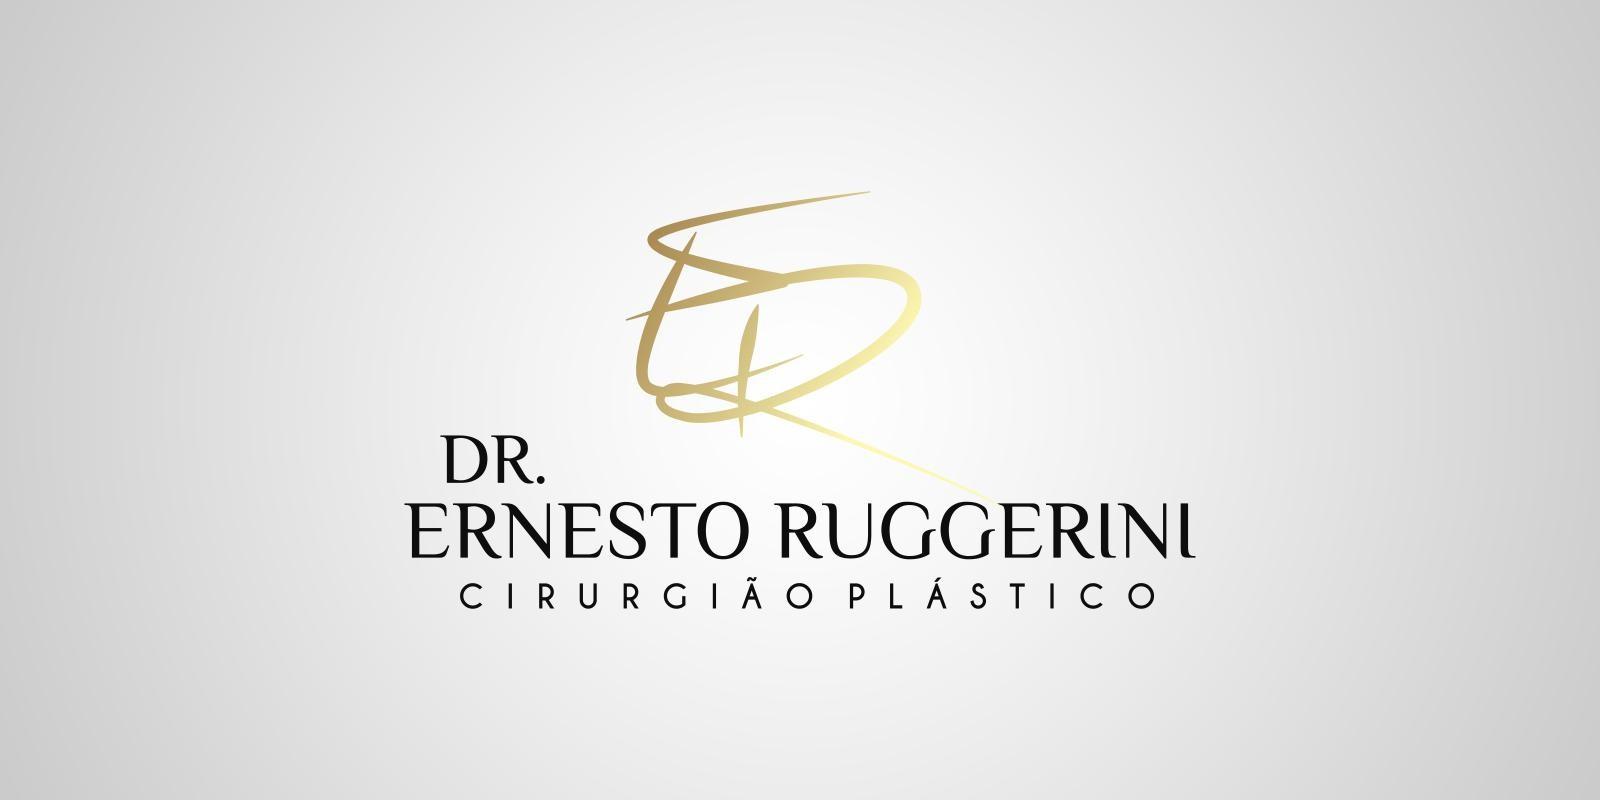 Ernesto Ruggerini